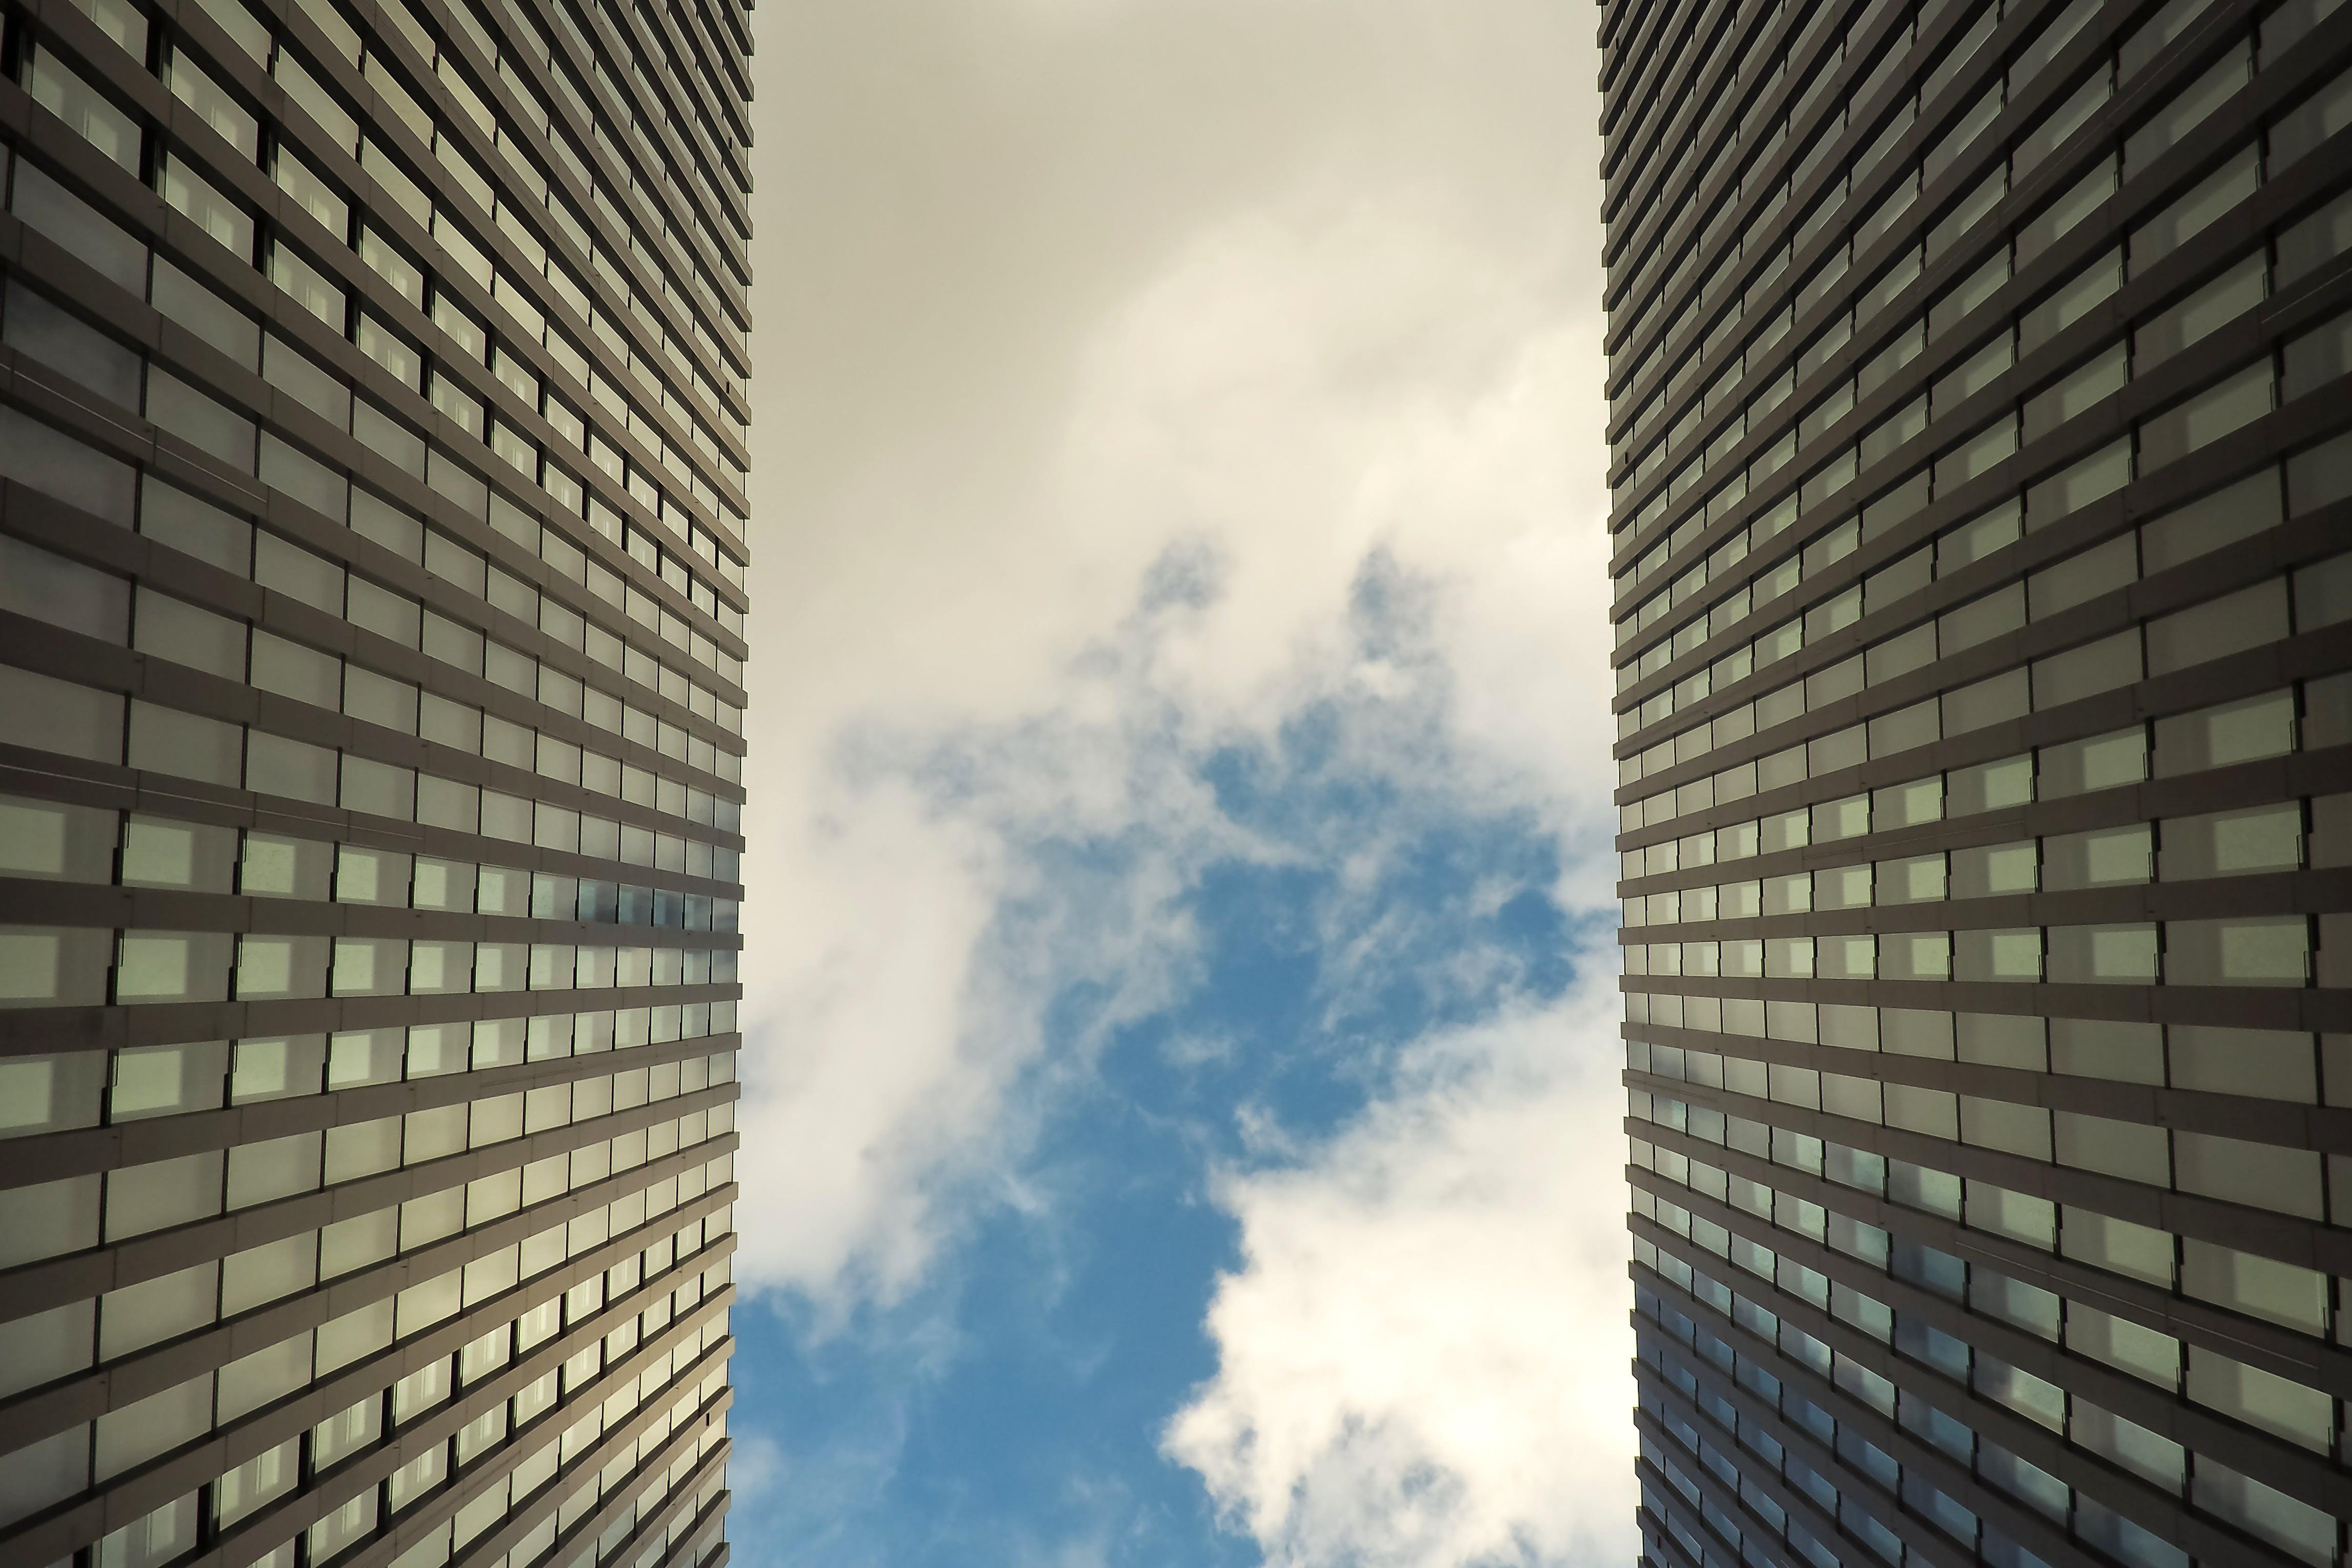 Immagine gratuita di acciaio, alto, architettura, azzurro